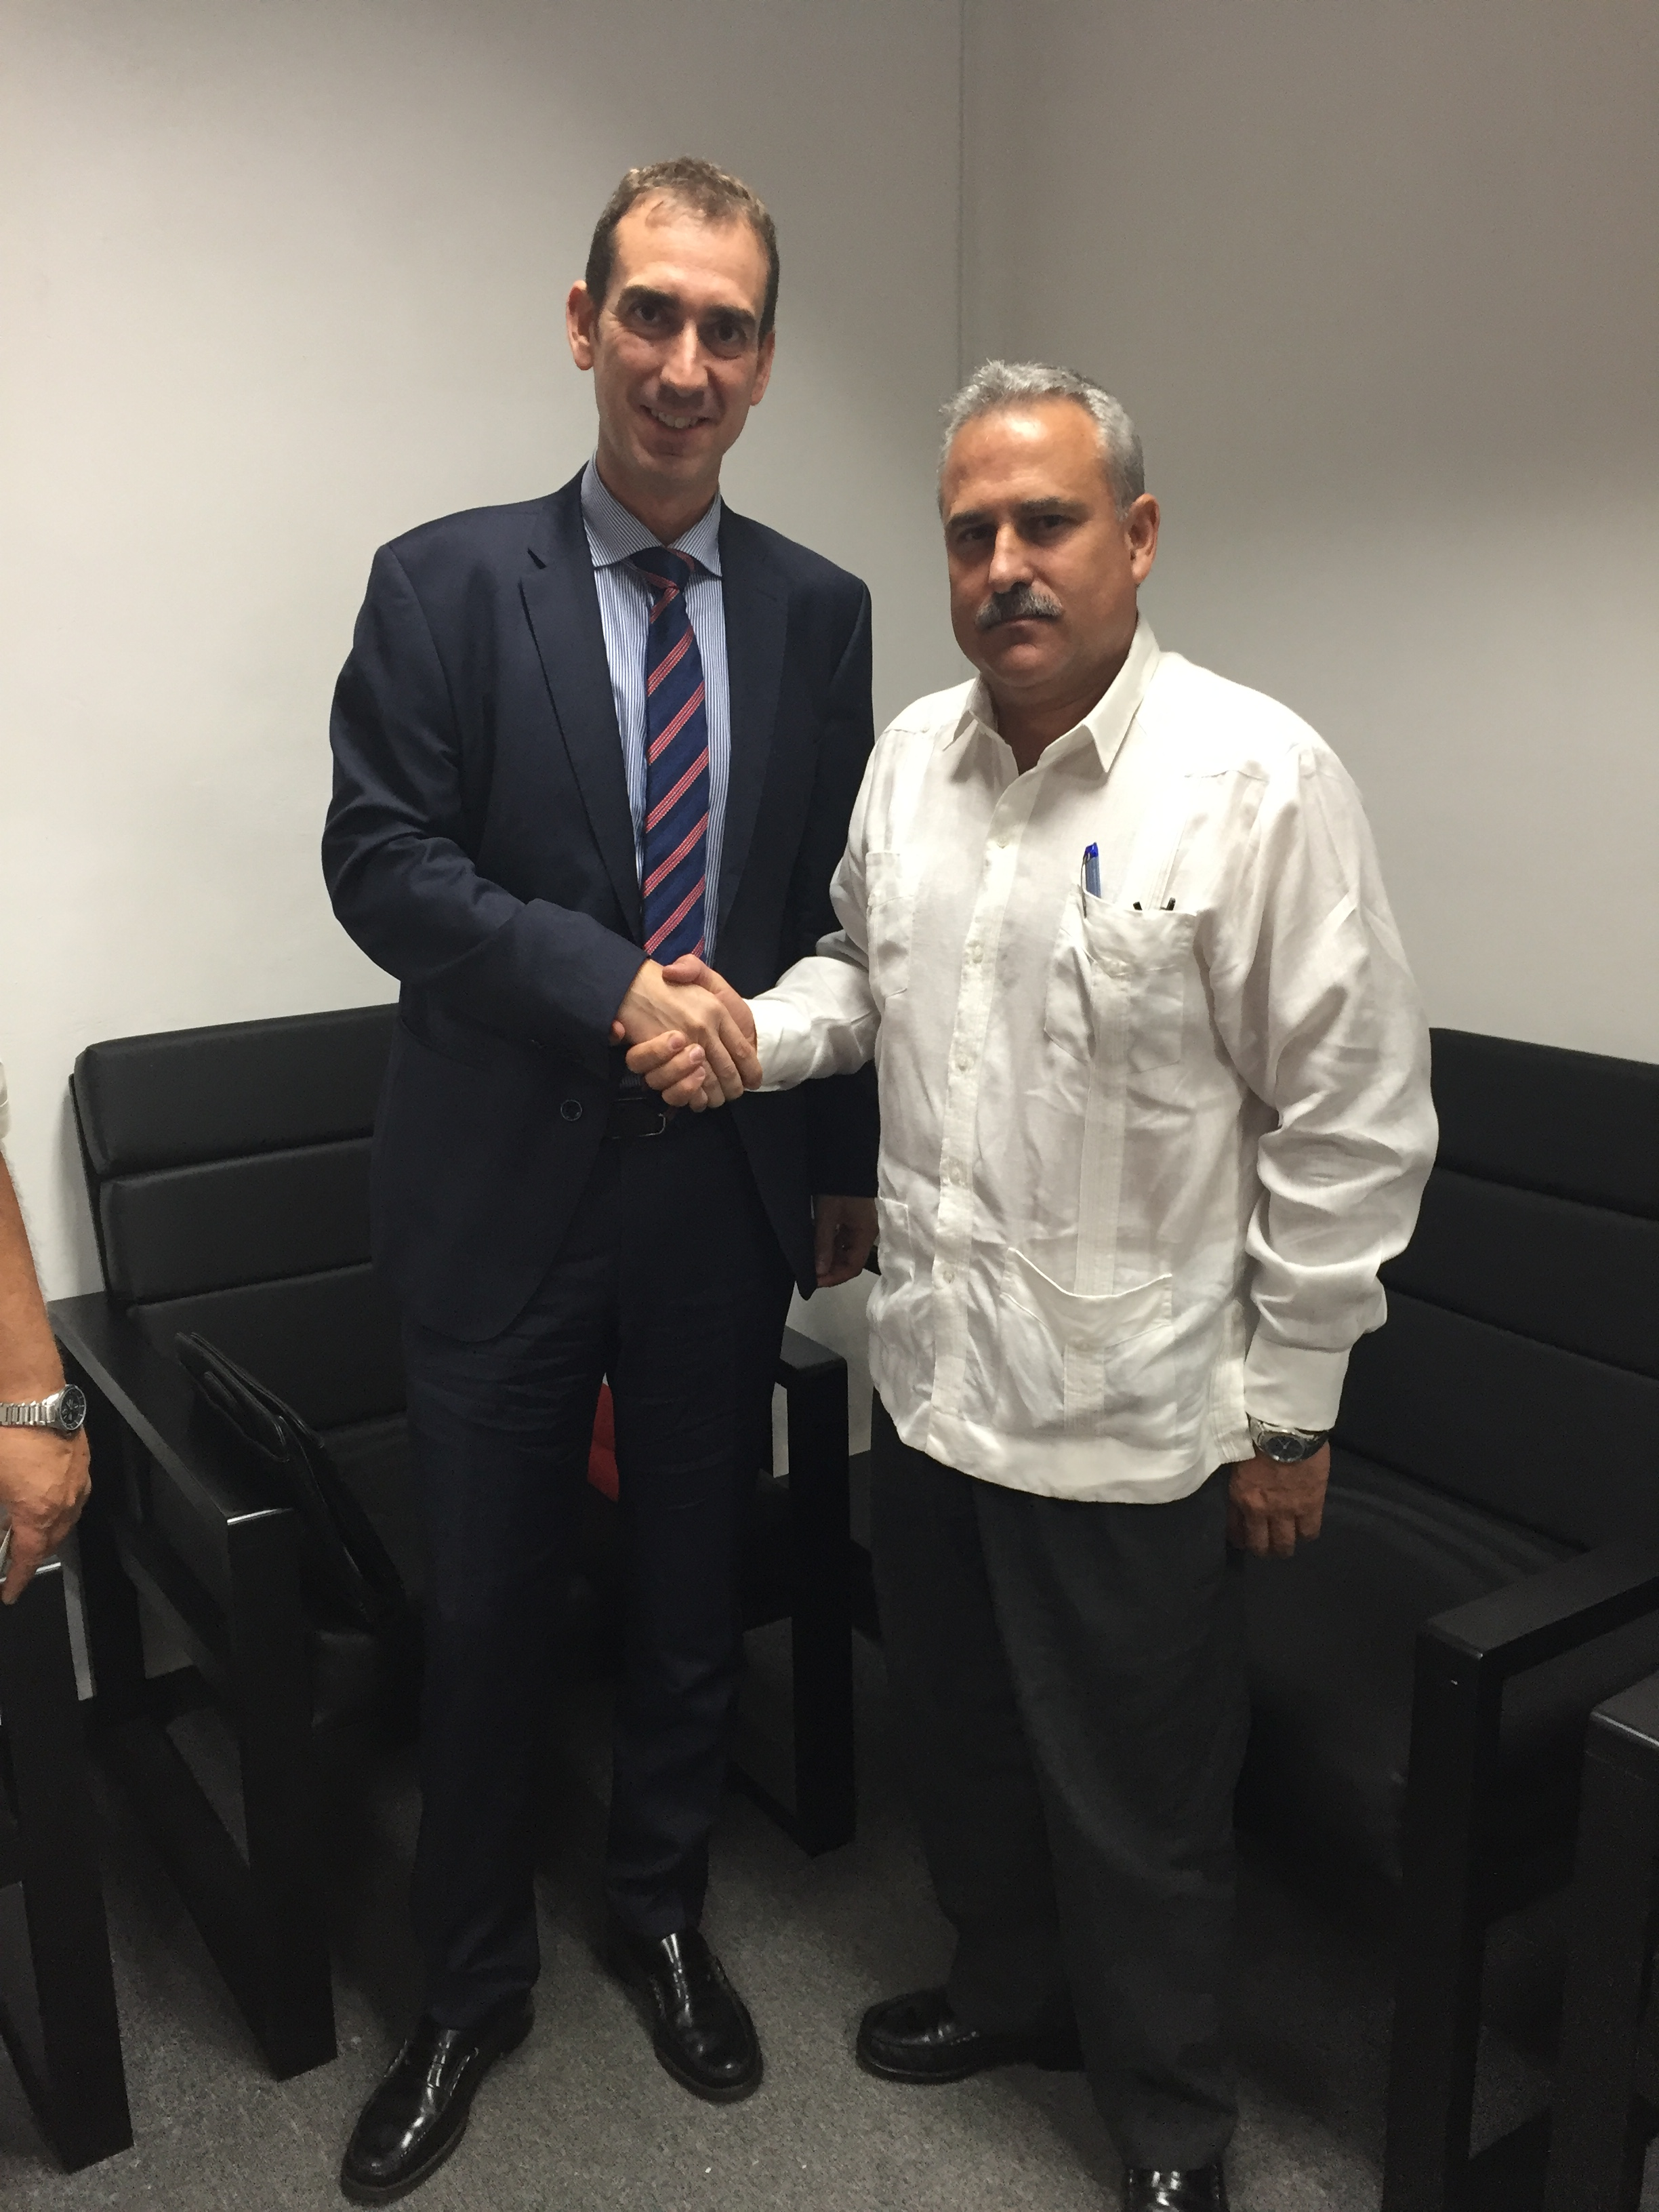 El viceconsejero de Industria junto al ministro de Industria de Cuba.